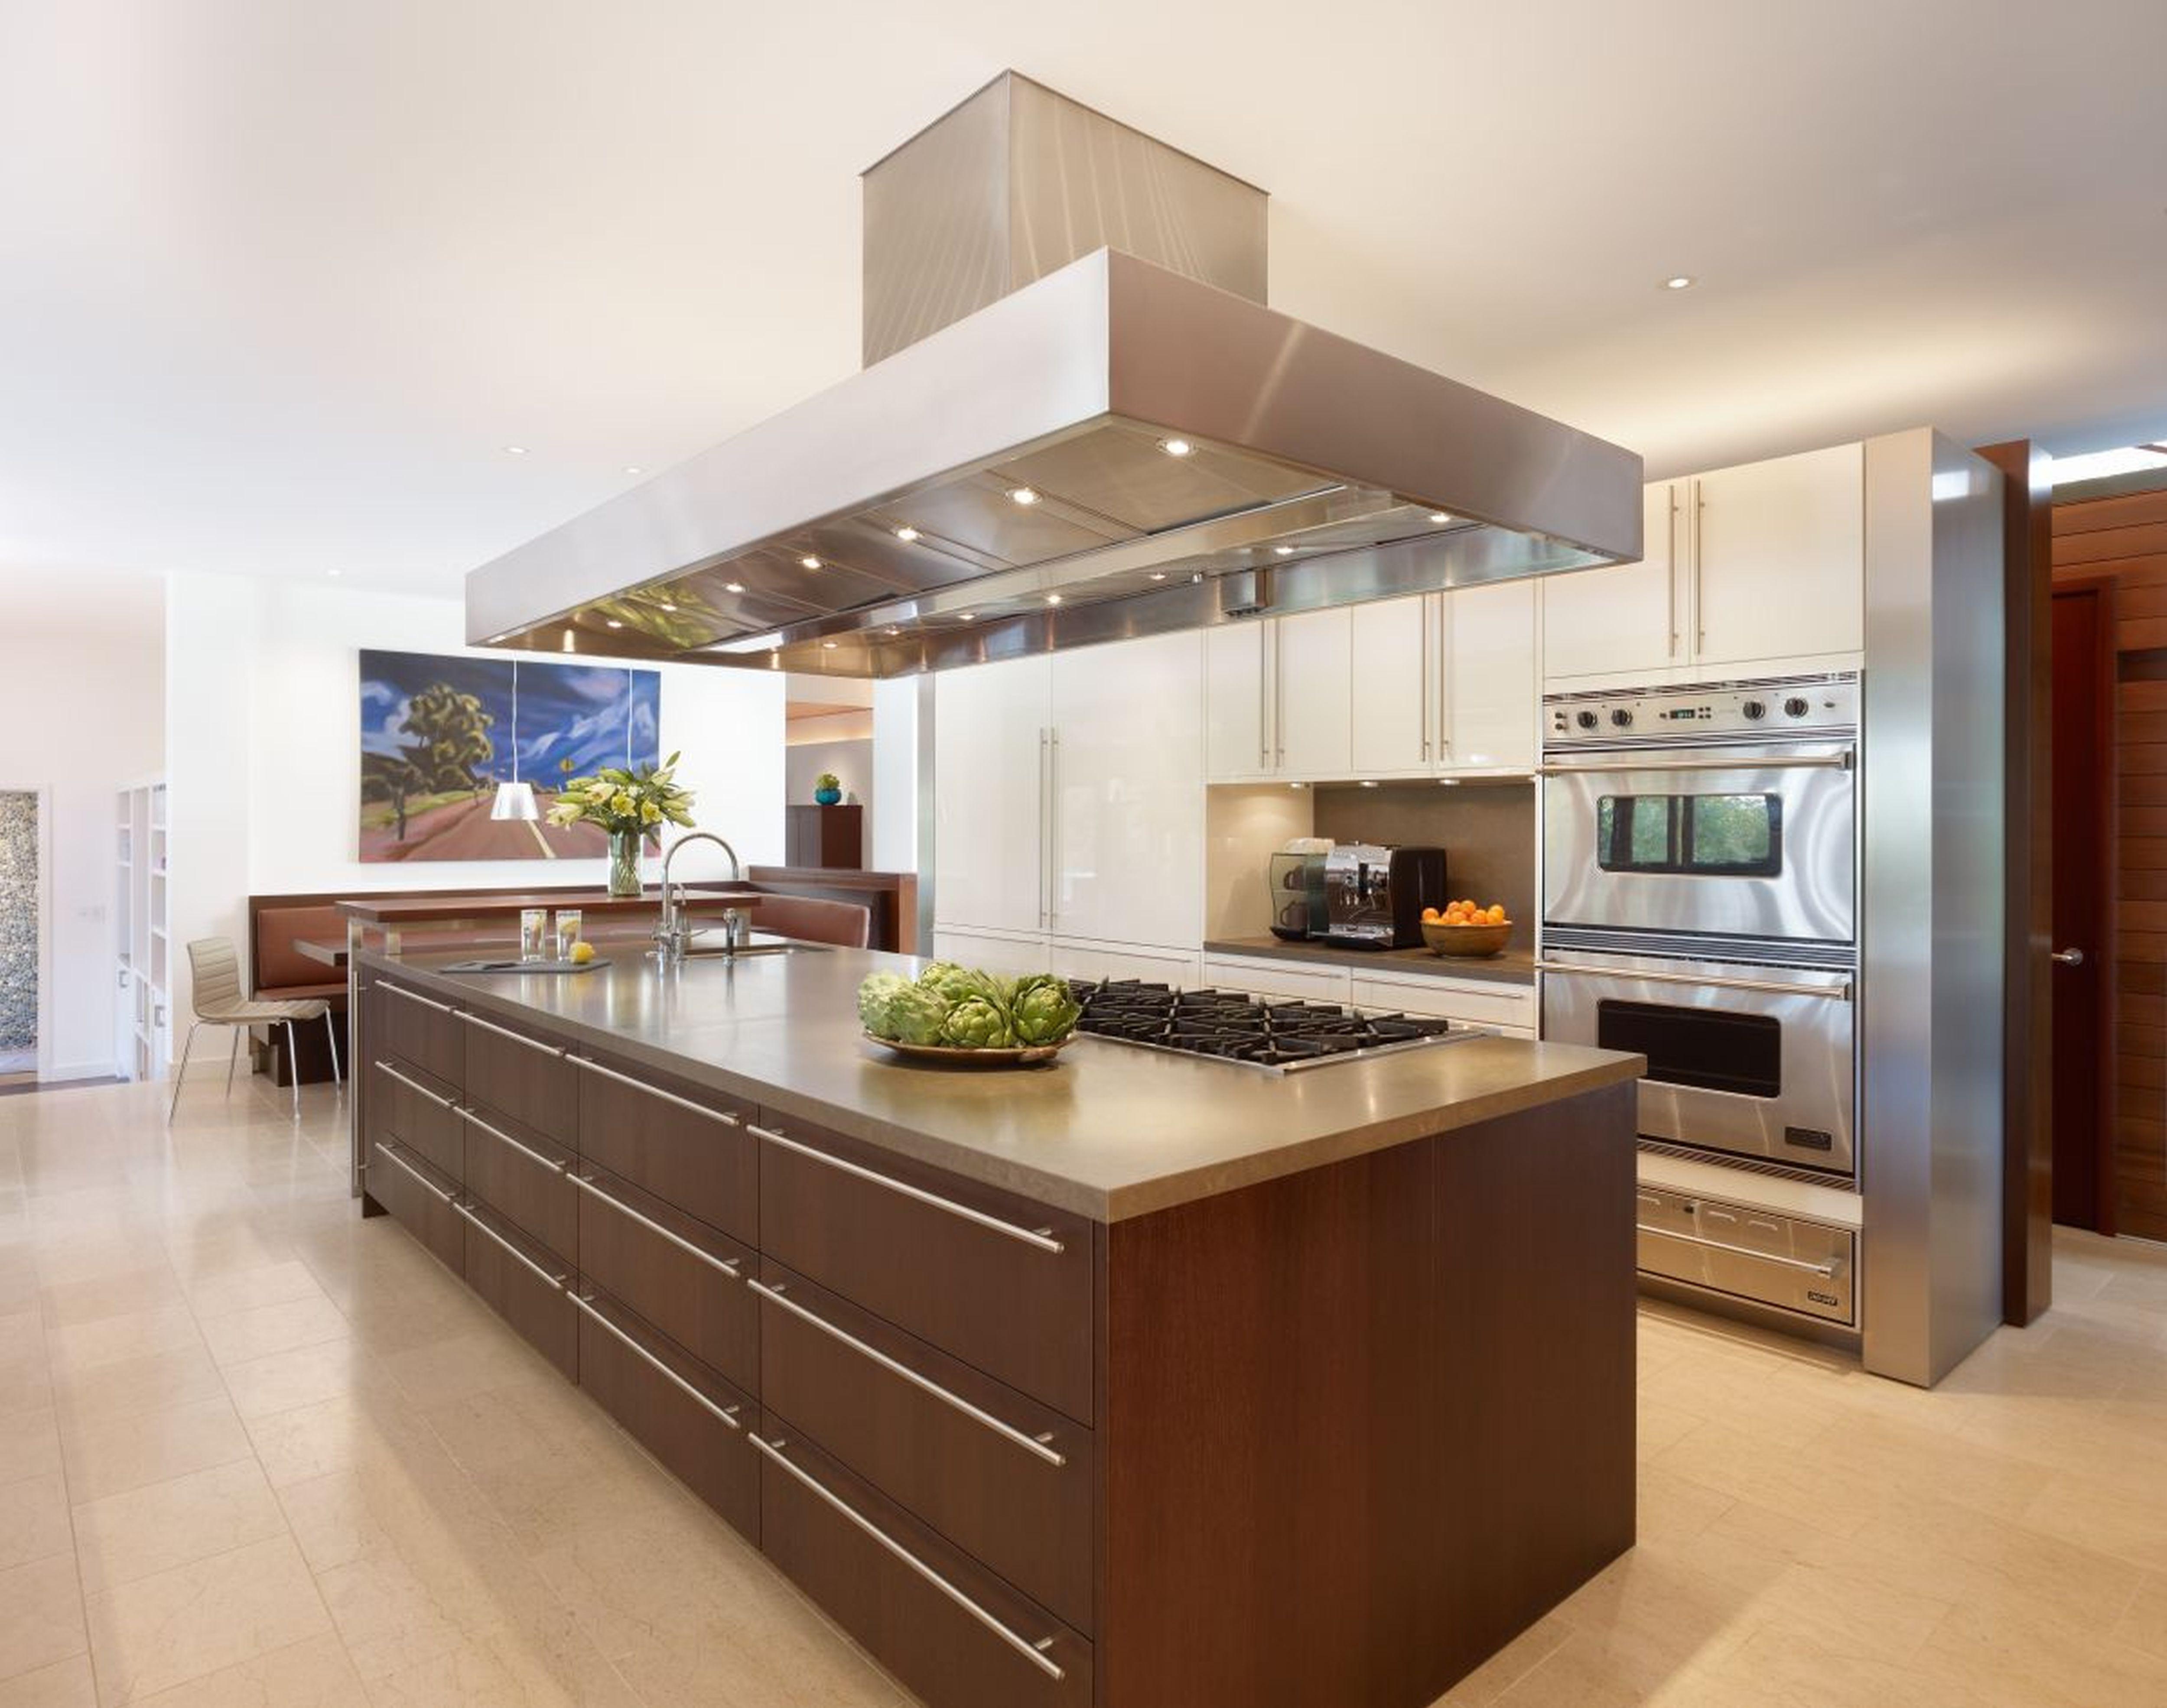 Design Kitchen Island Unusual Kitchen Design Agreeable kitchen ...